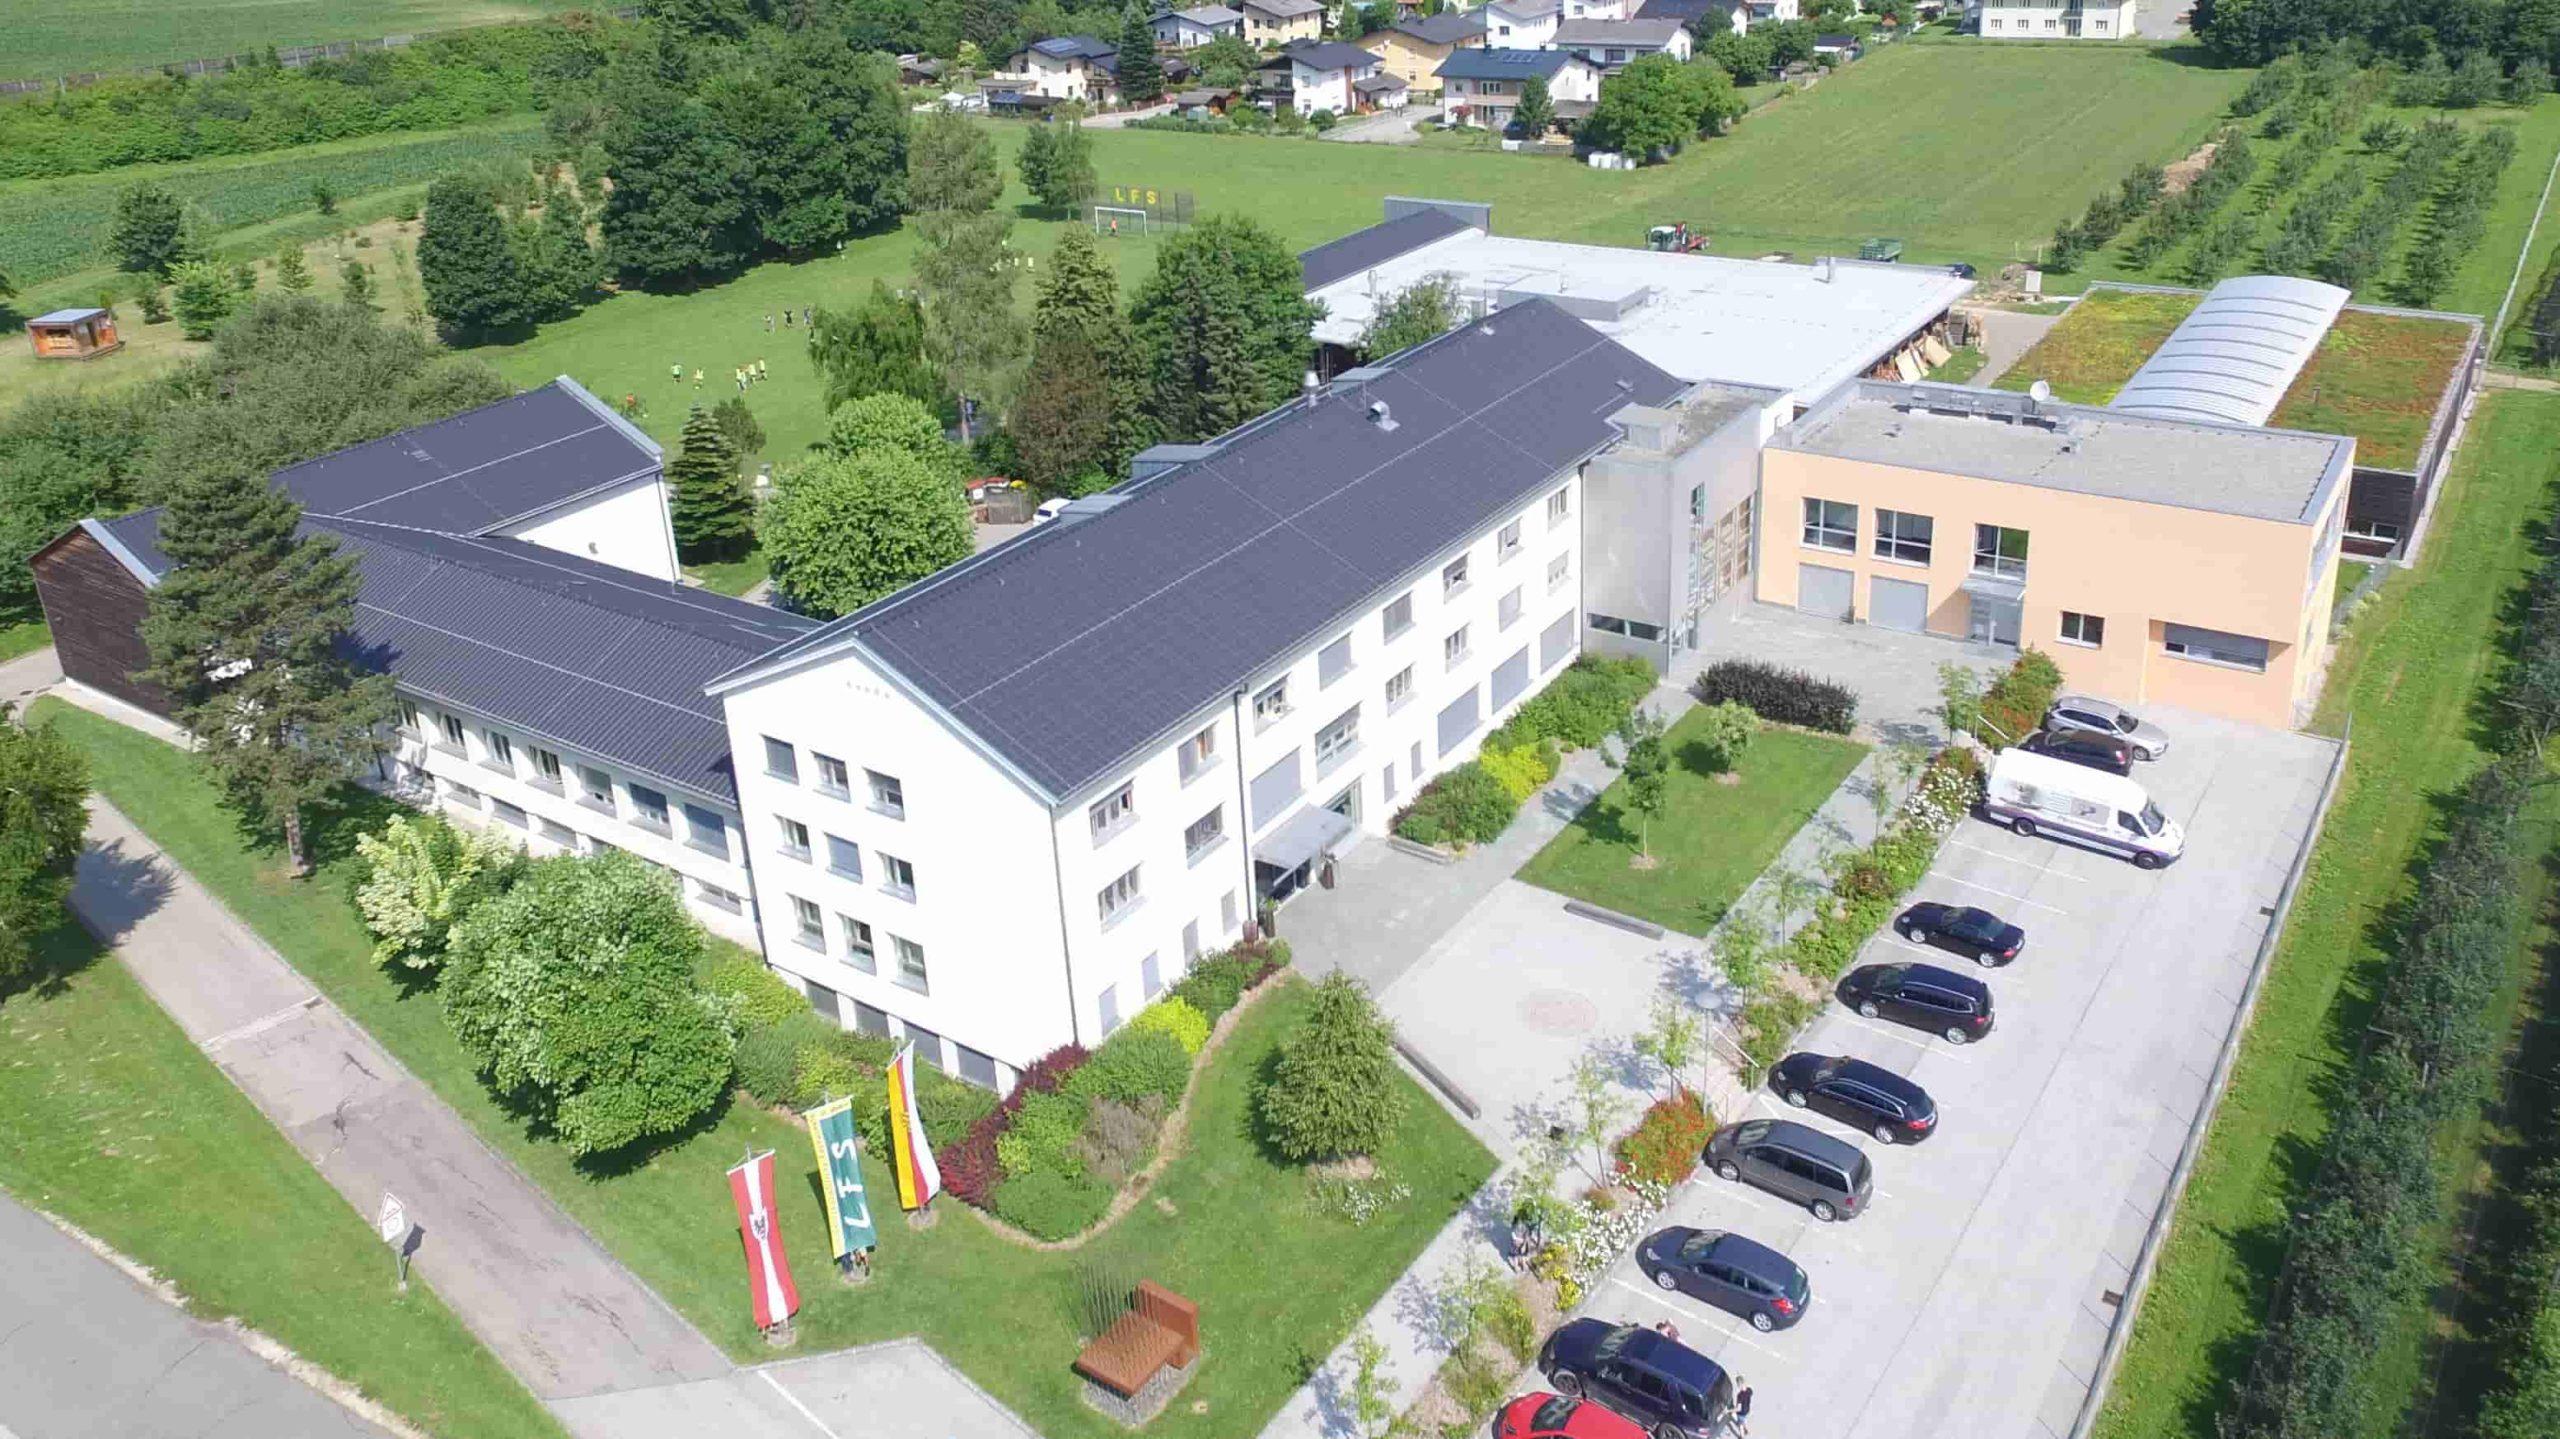 Schülerheim St. Andrä